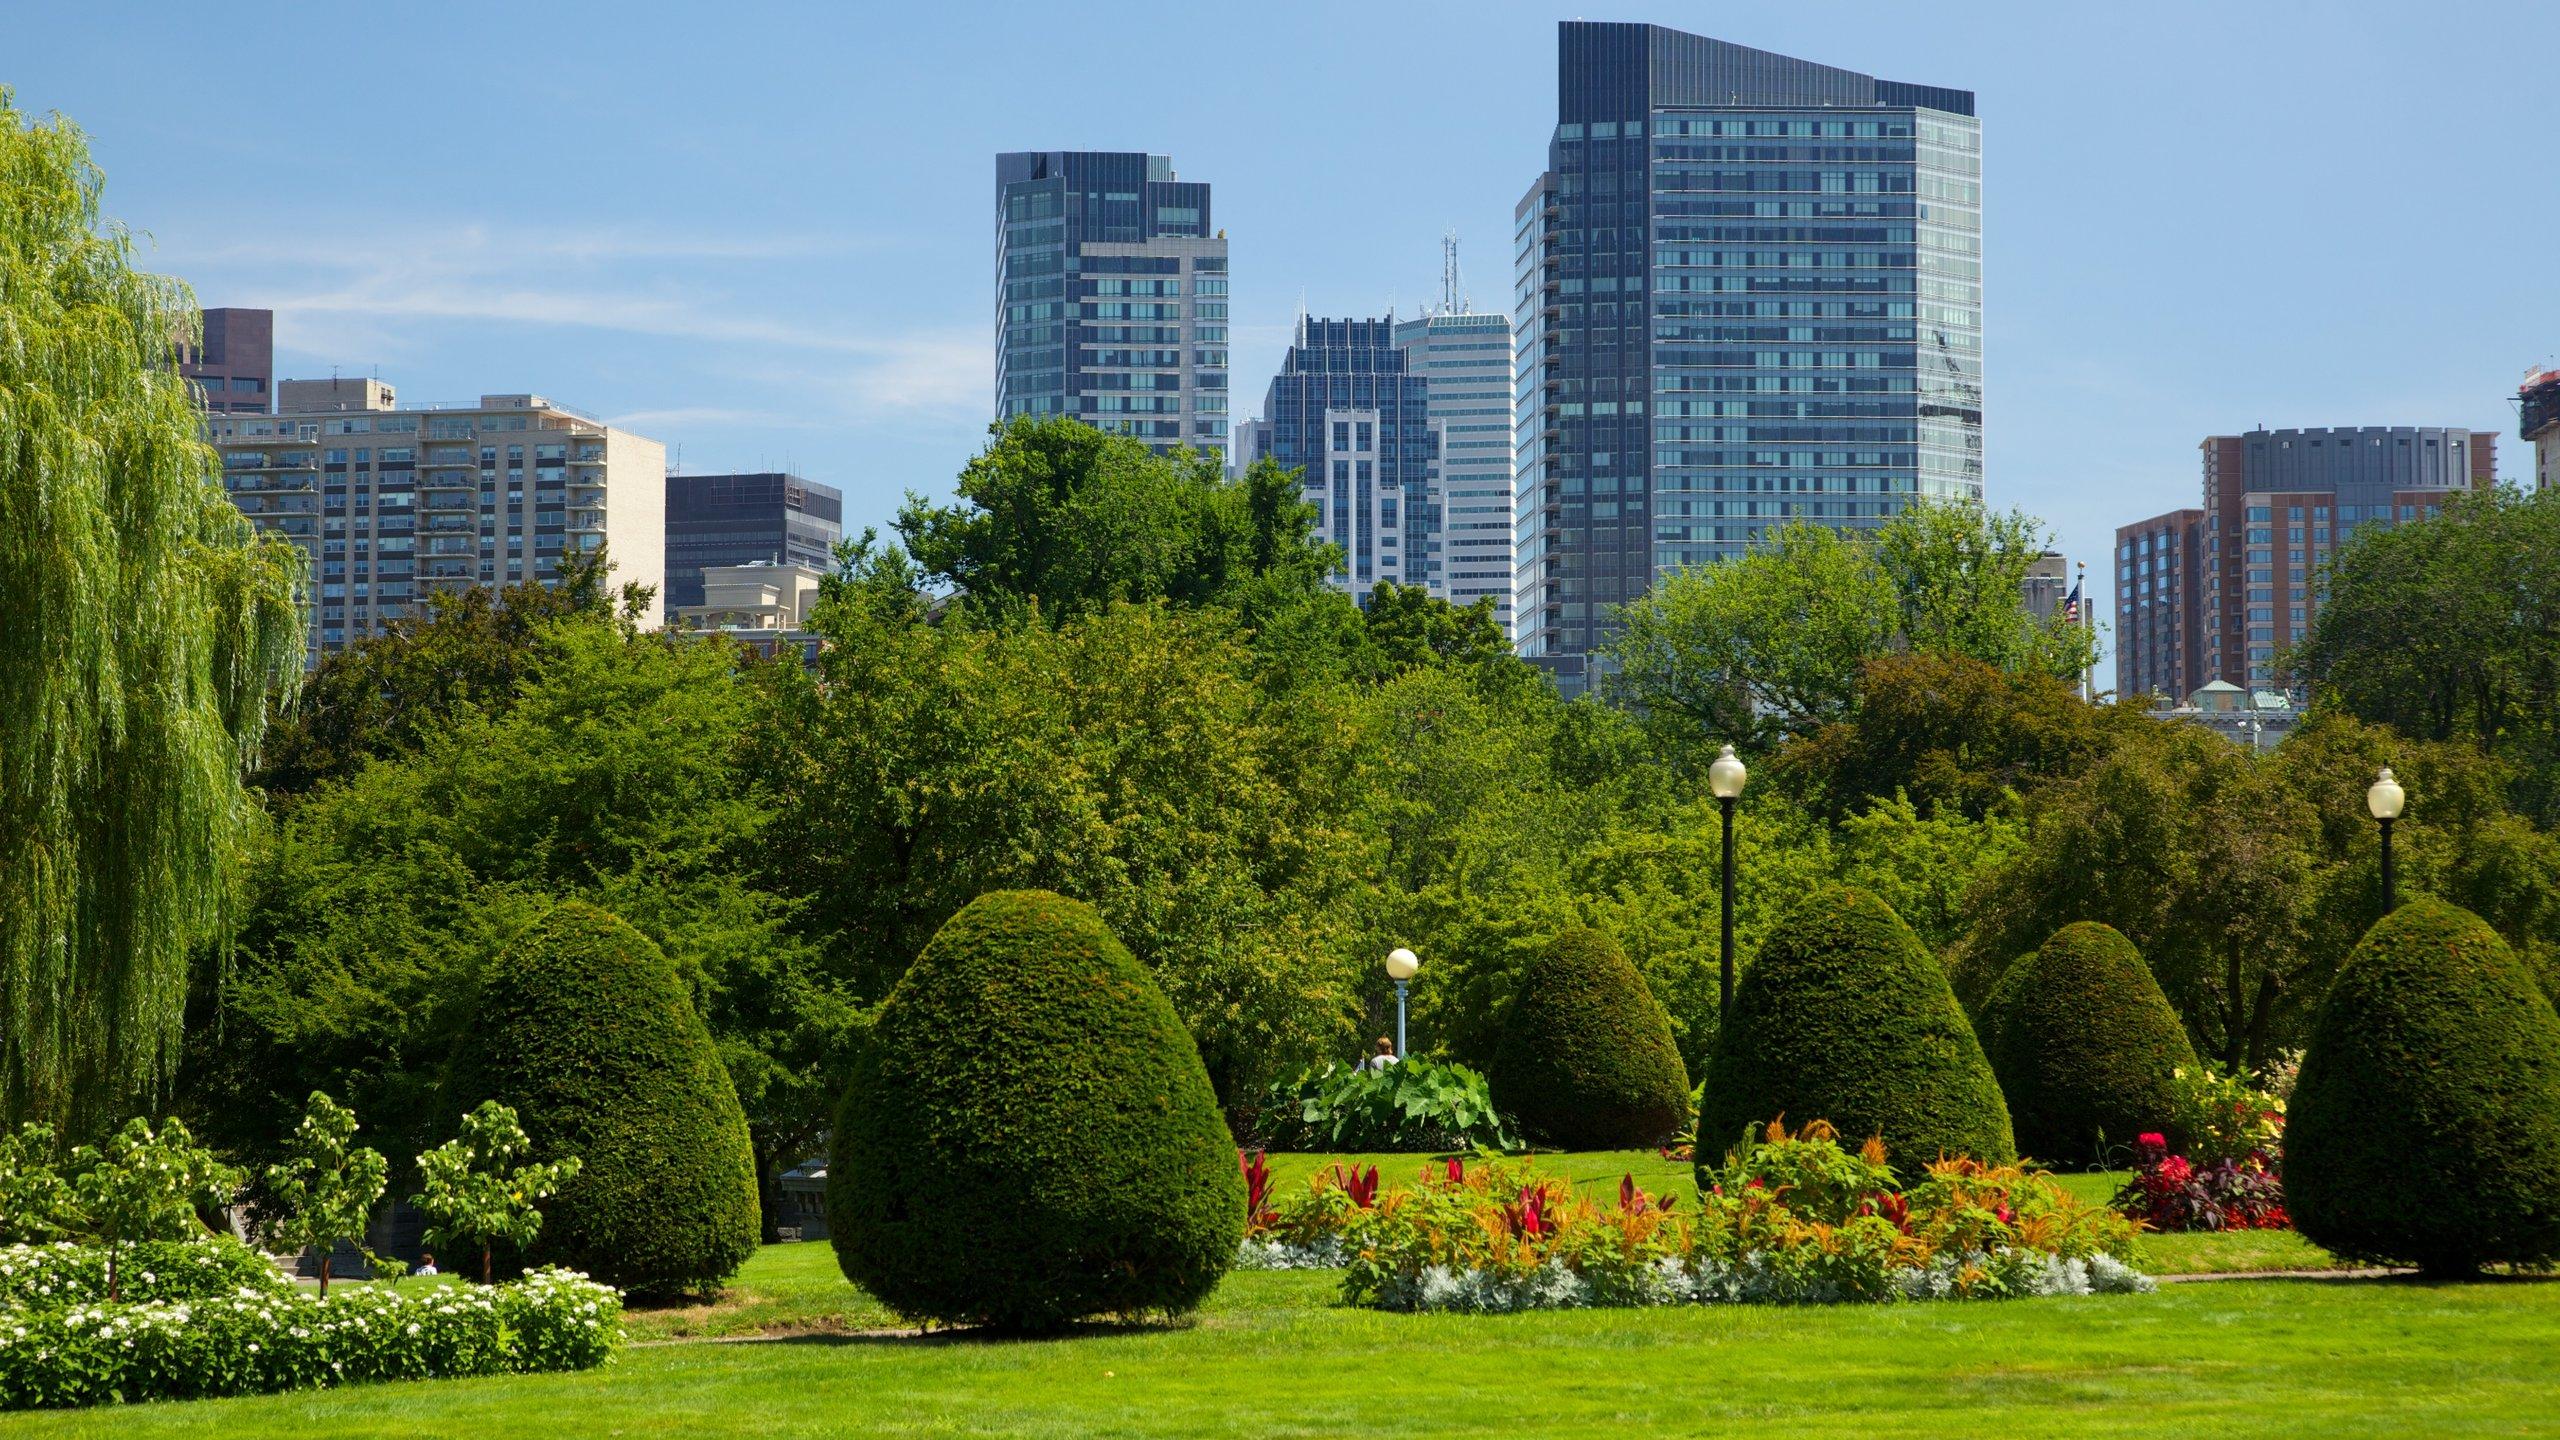 O parque público mais antigo dos Estados Unidos foi palco de séculos de dramas. Atualmente, é o local perfeito para relaxar.